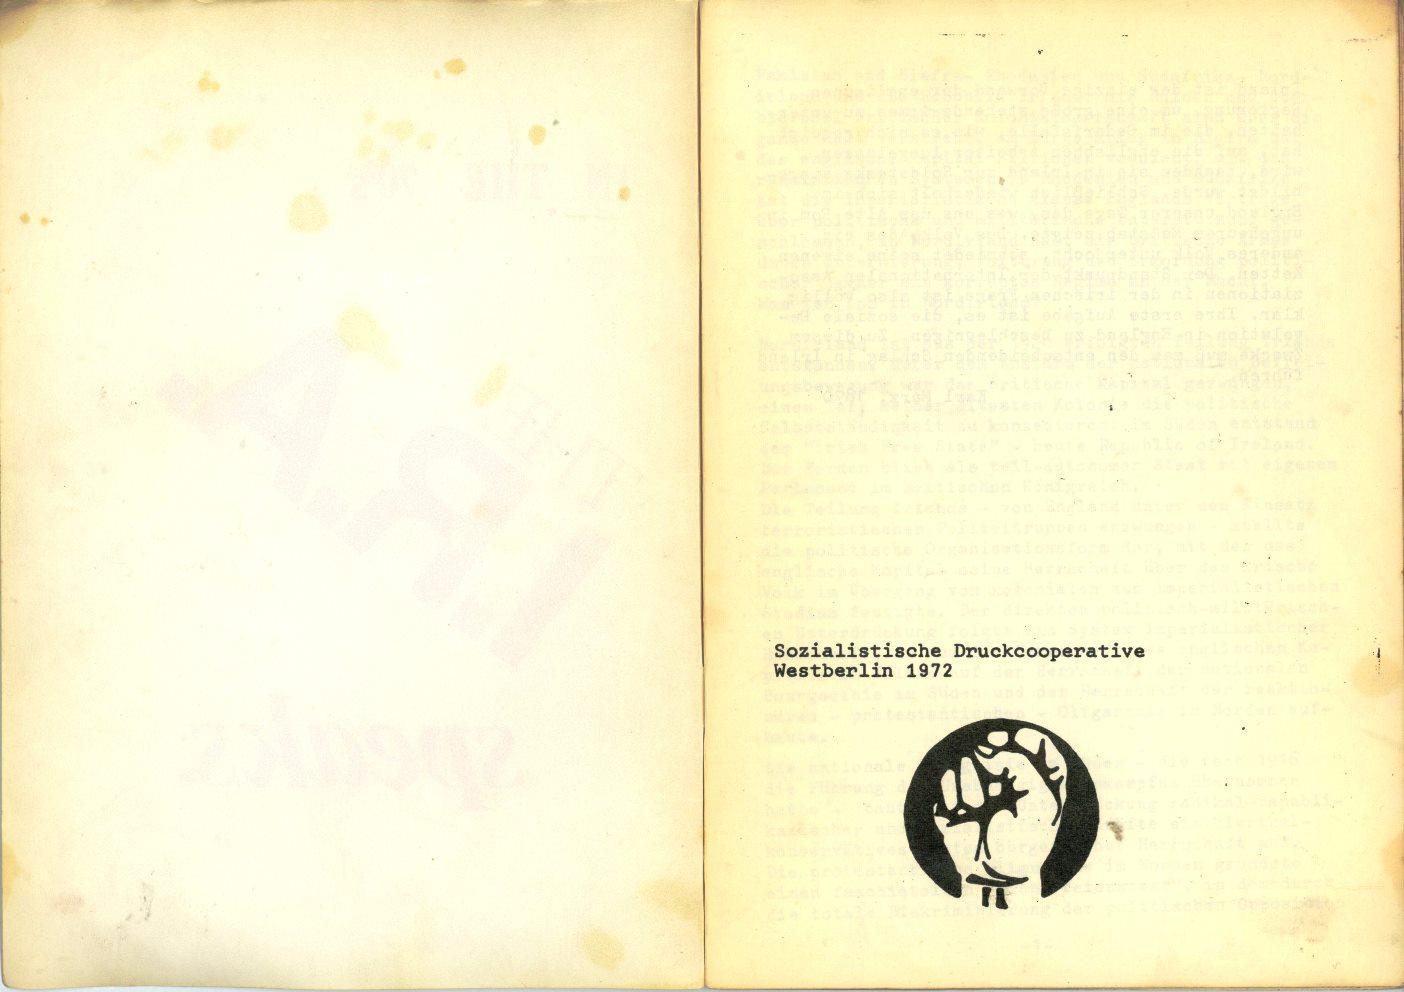 Berlin_Druckcooperative_1972_IRA_speaks_02